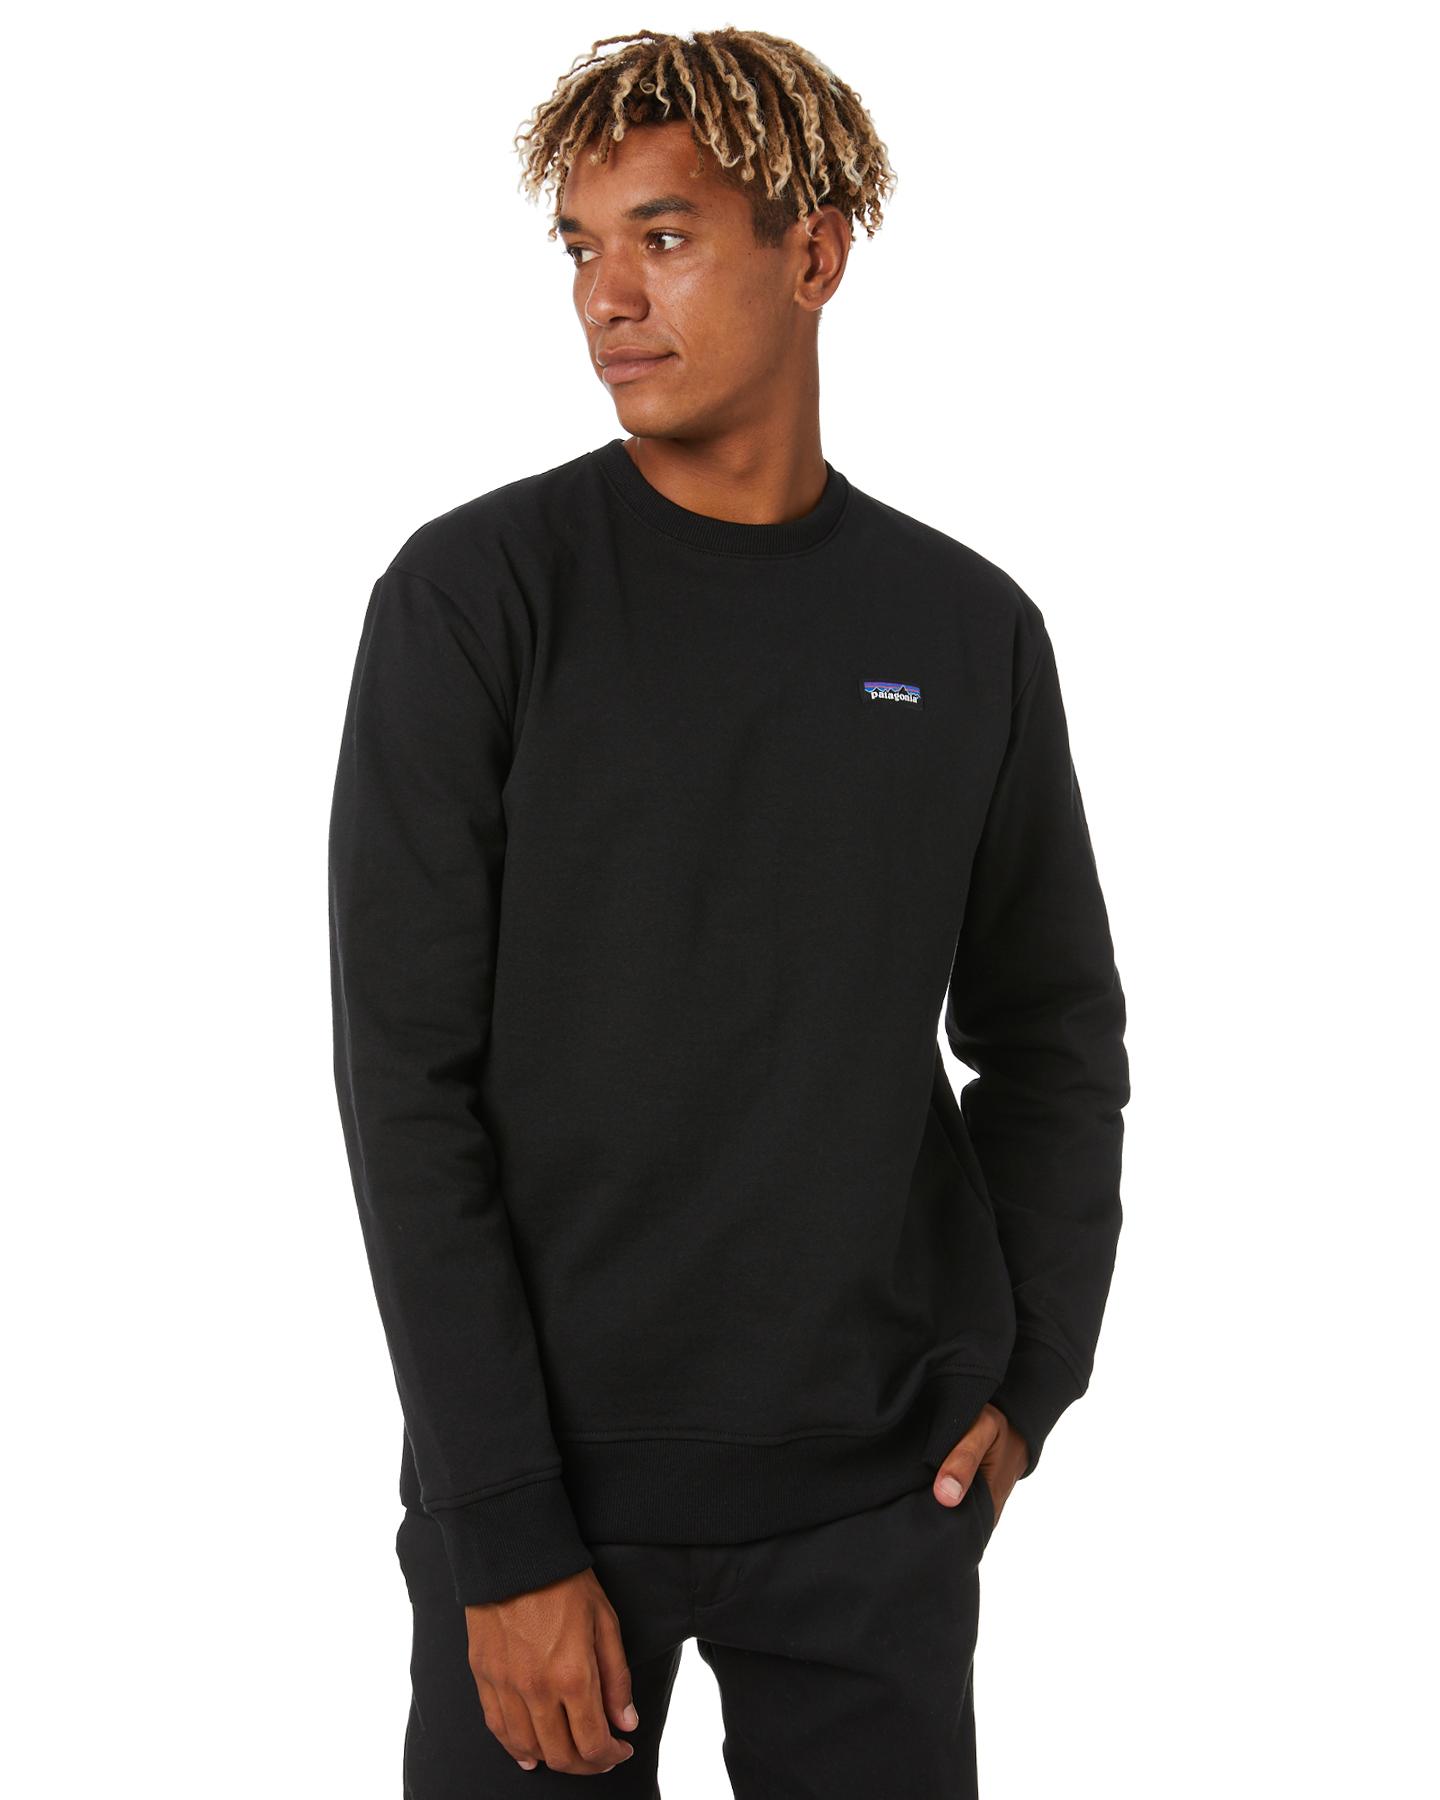 P6 Label Mens Crew Sweatshirt